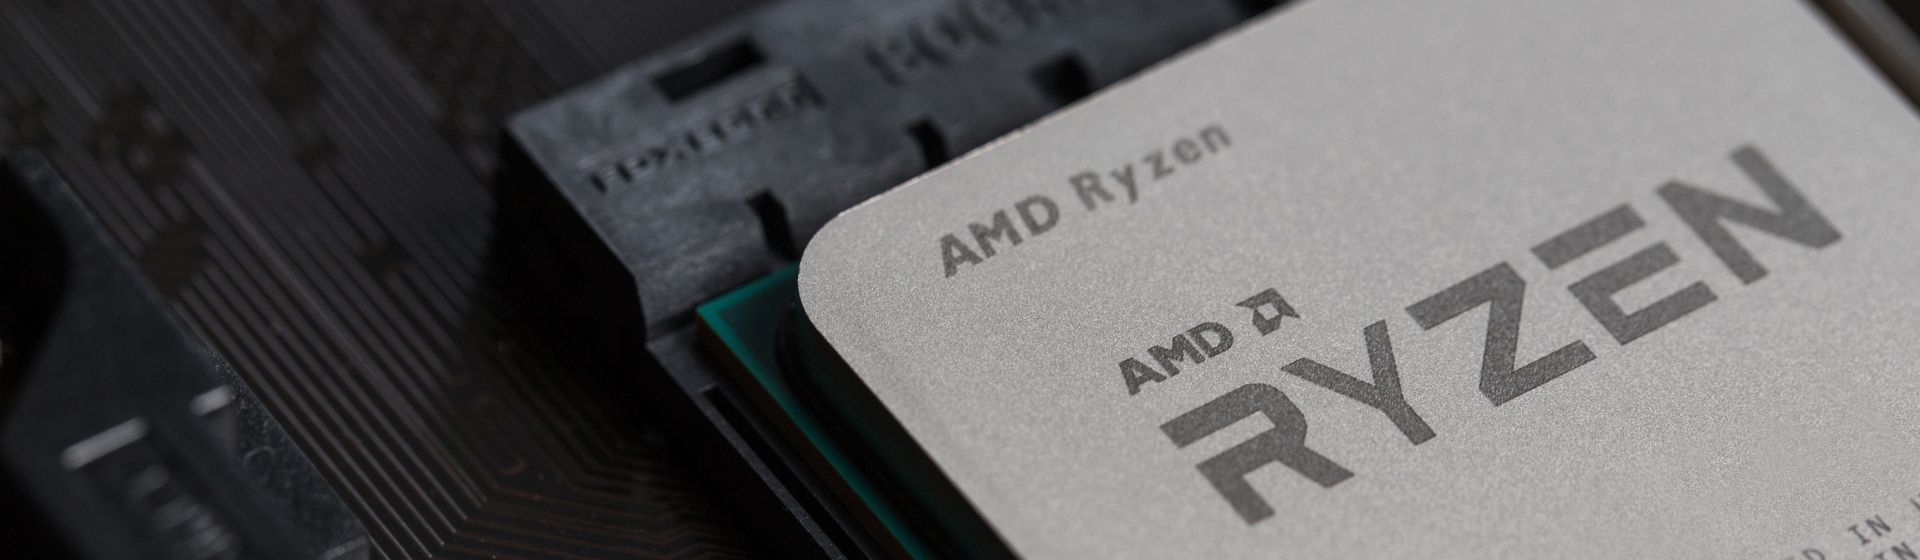 Ryzen 3 3300X é bom? Conheça o preço e veja a análise do chip AMD